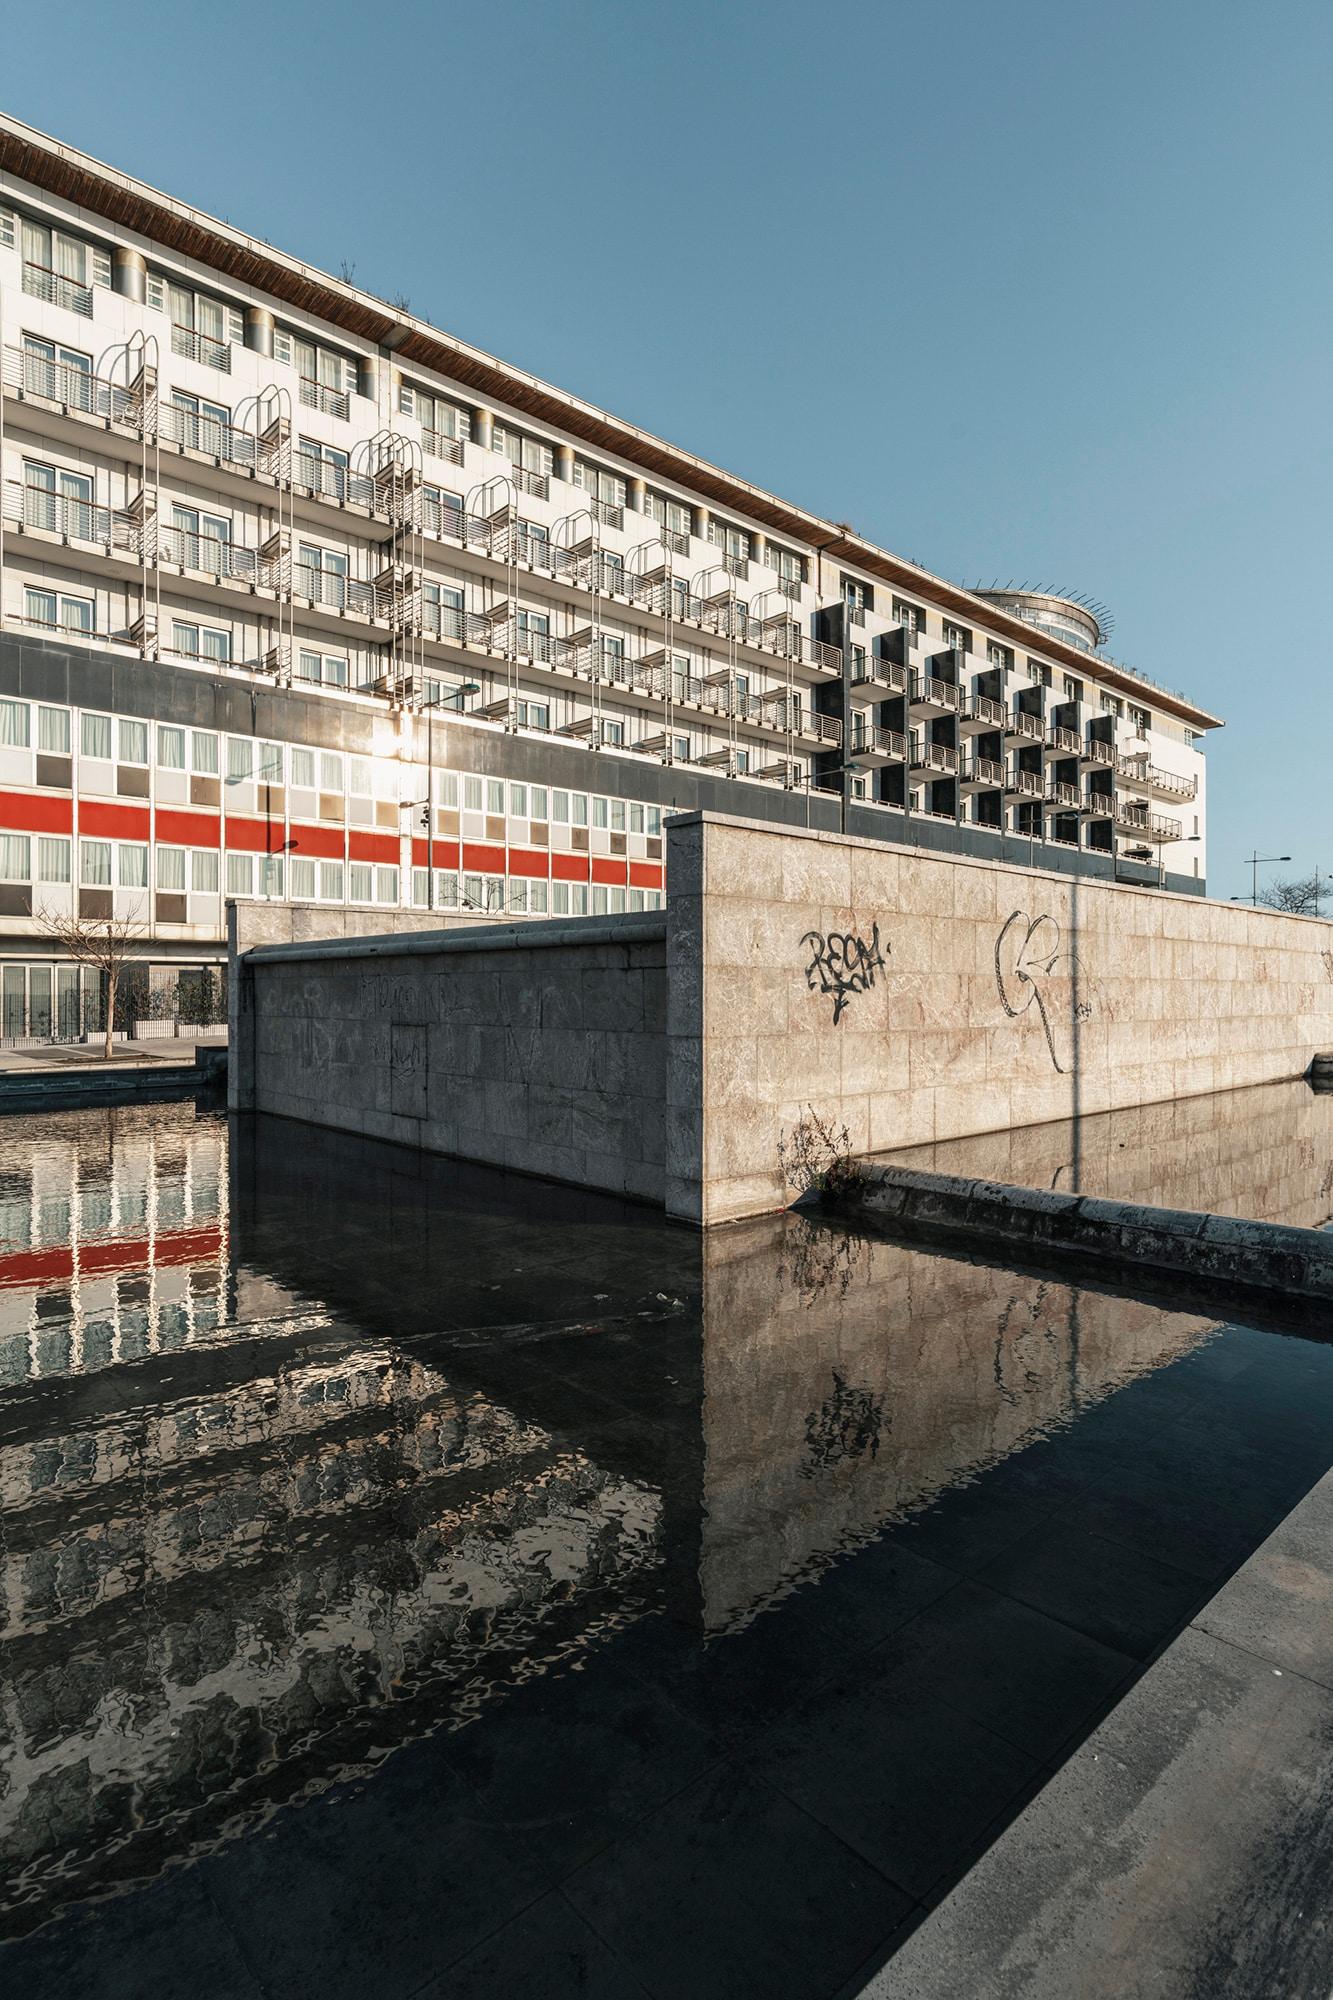 GrandHotel2_Pagliara_AlessandroZanoni